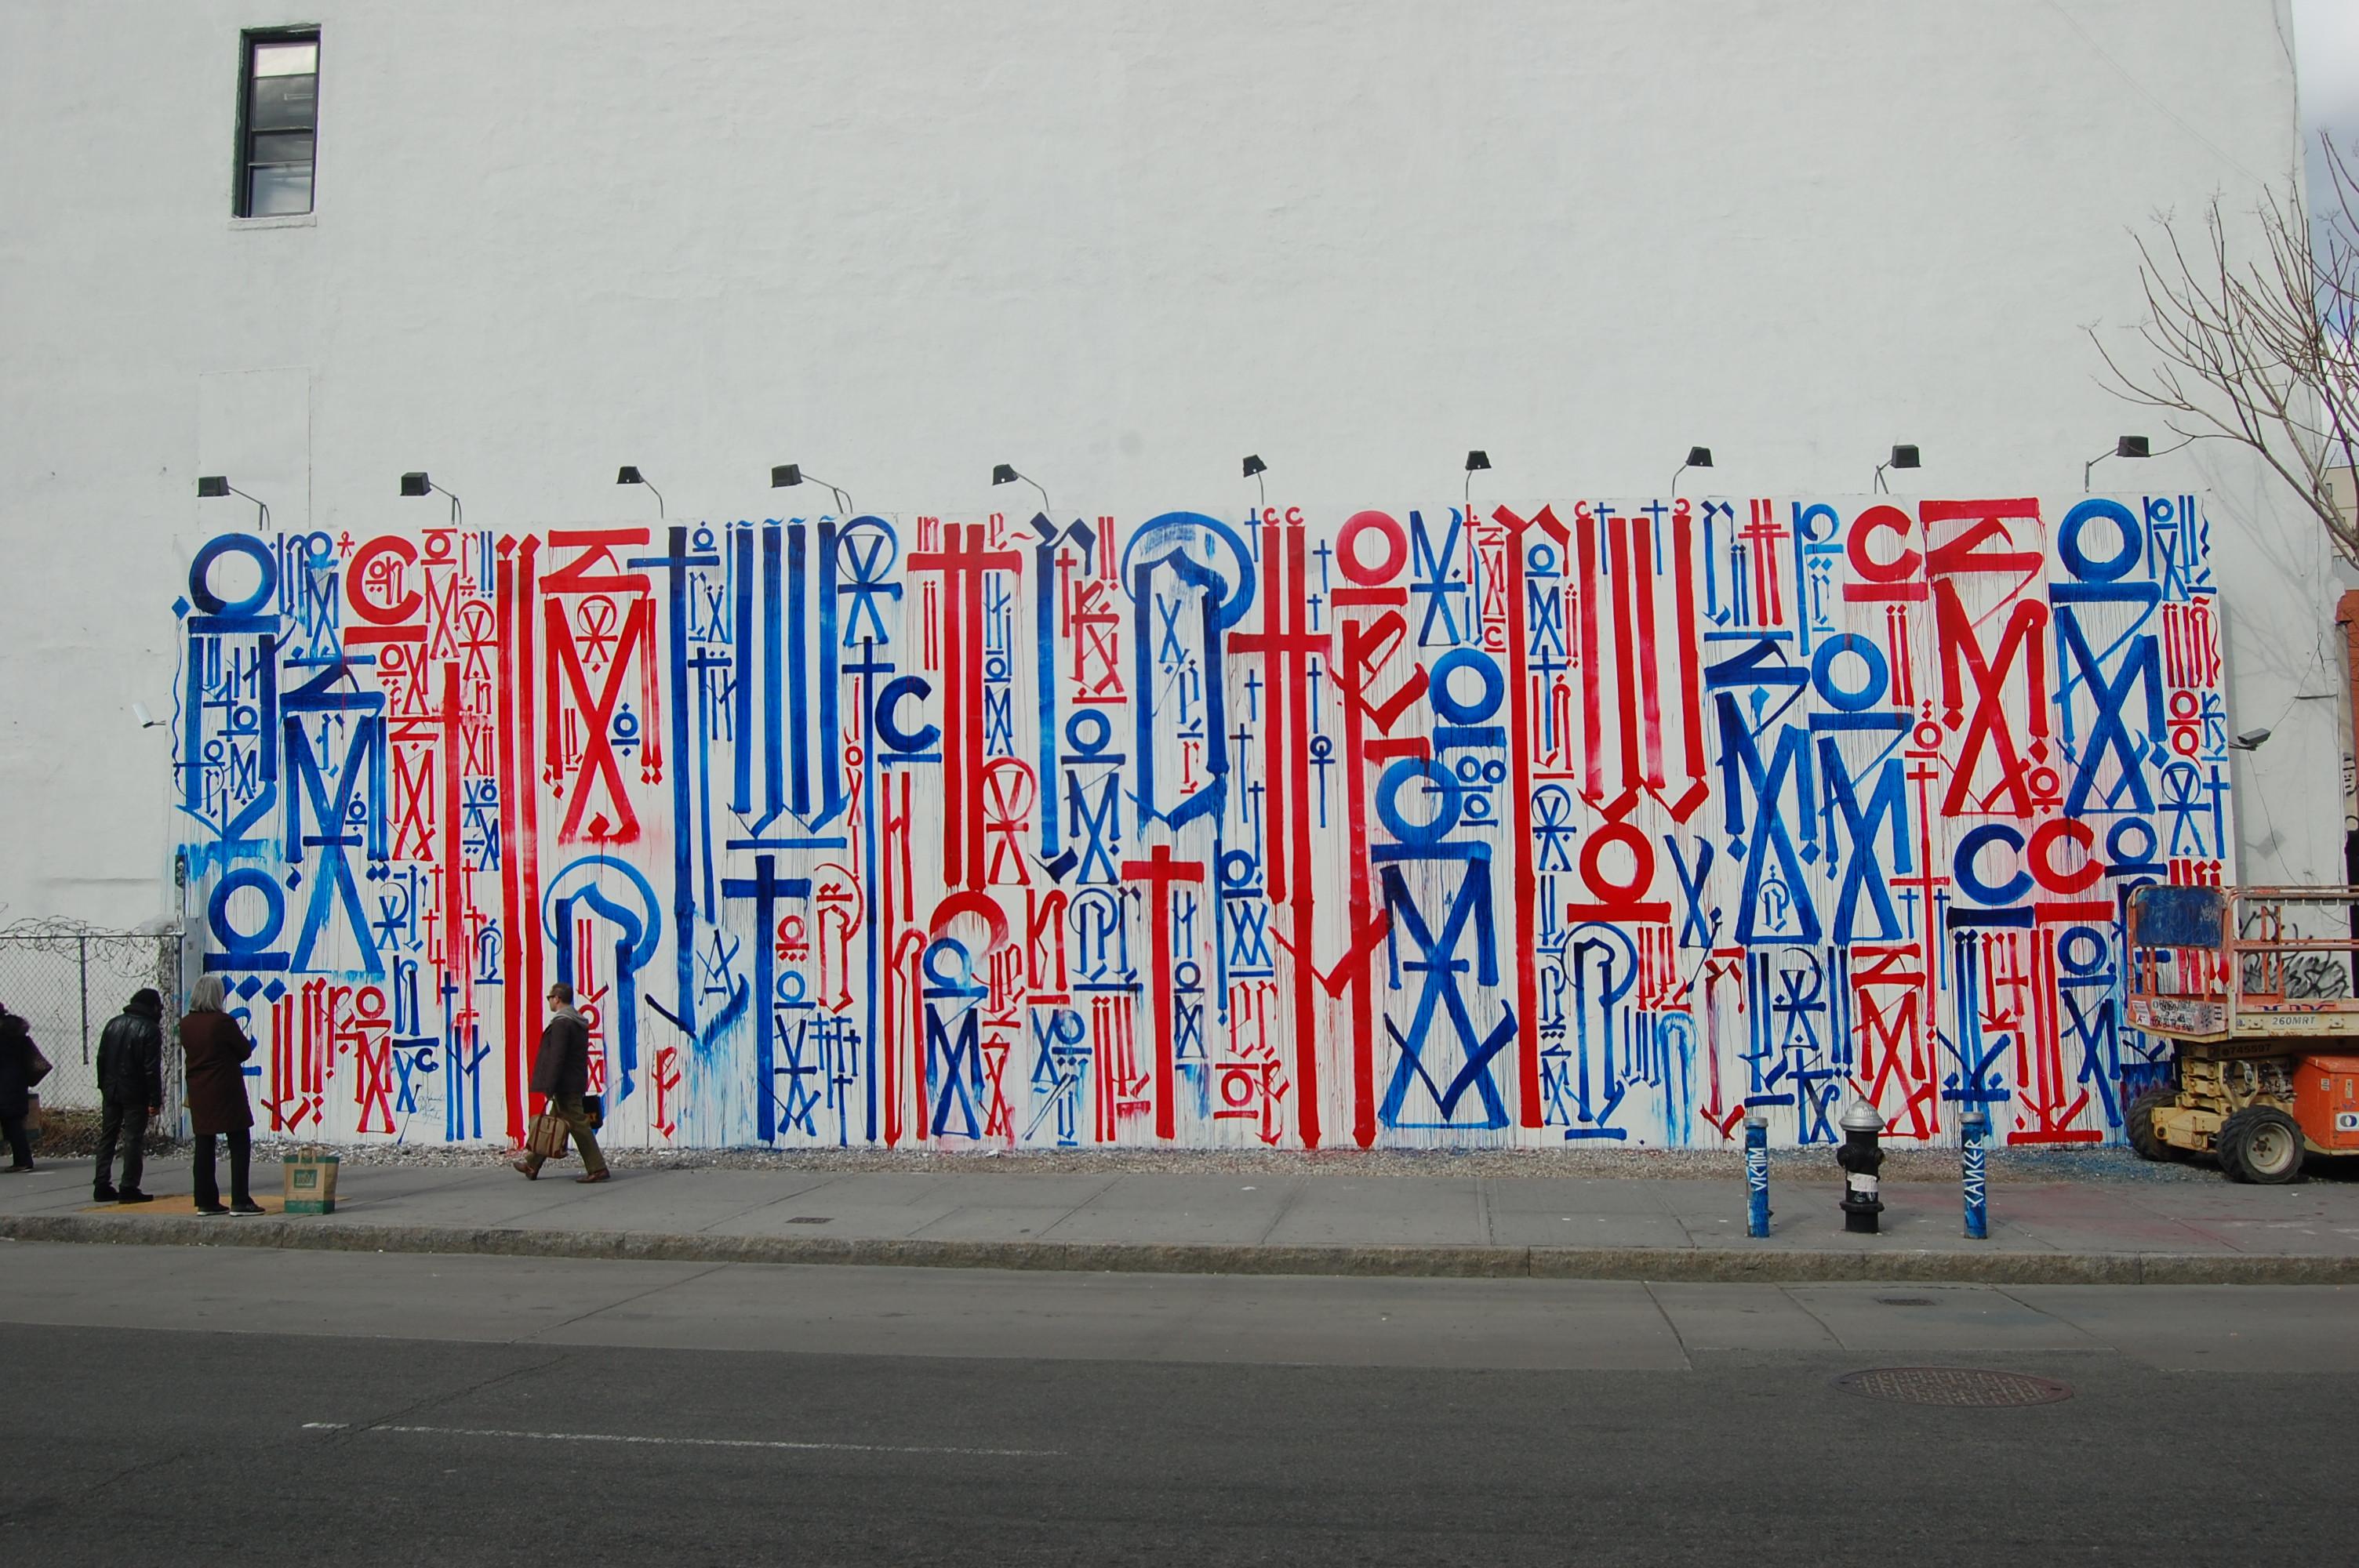 Piru Graffiti